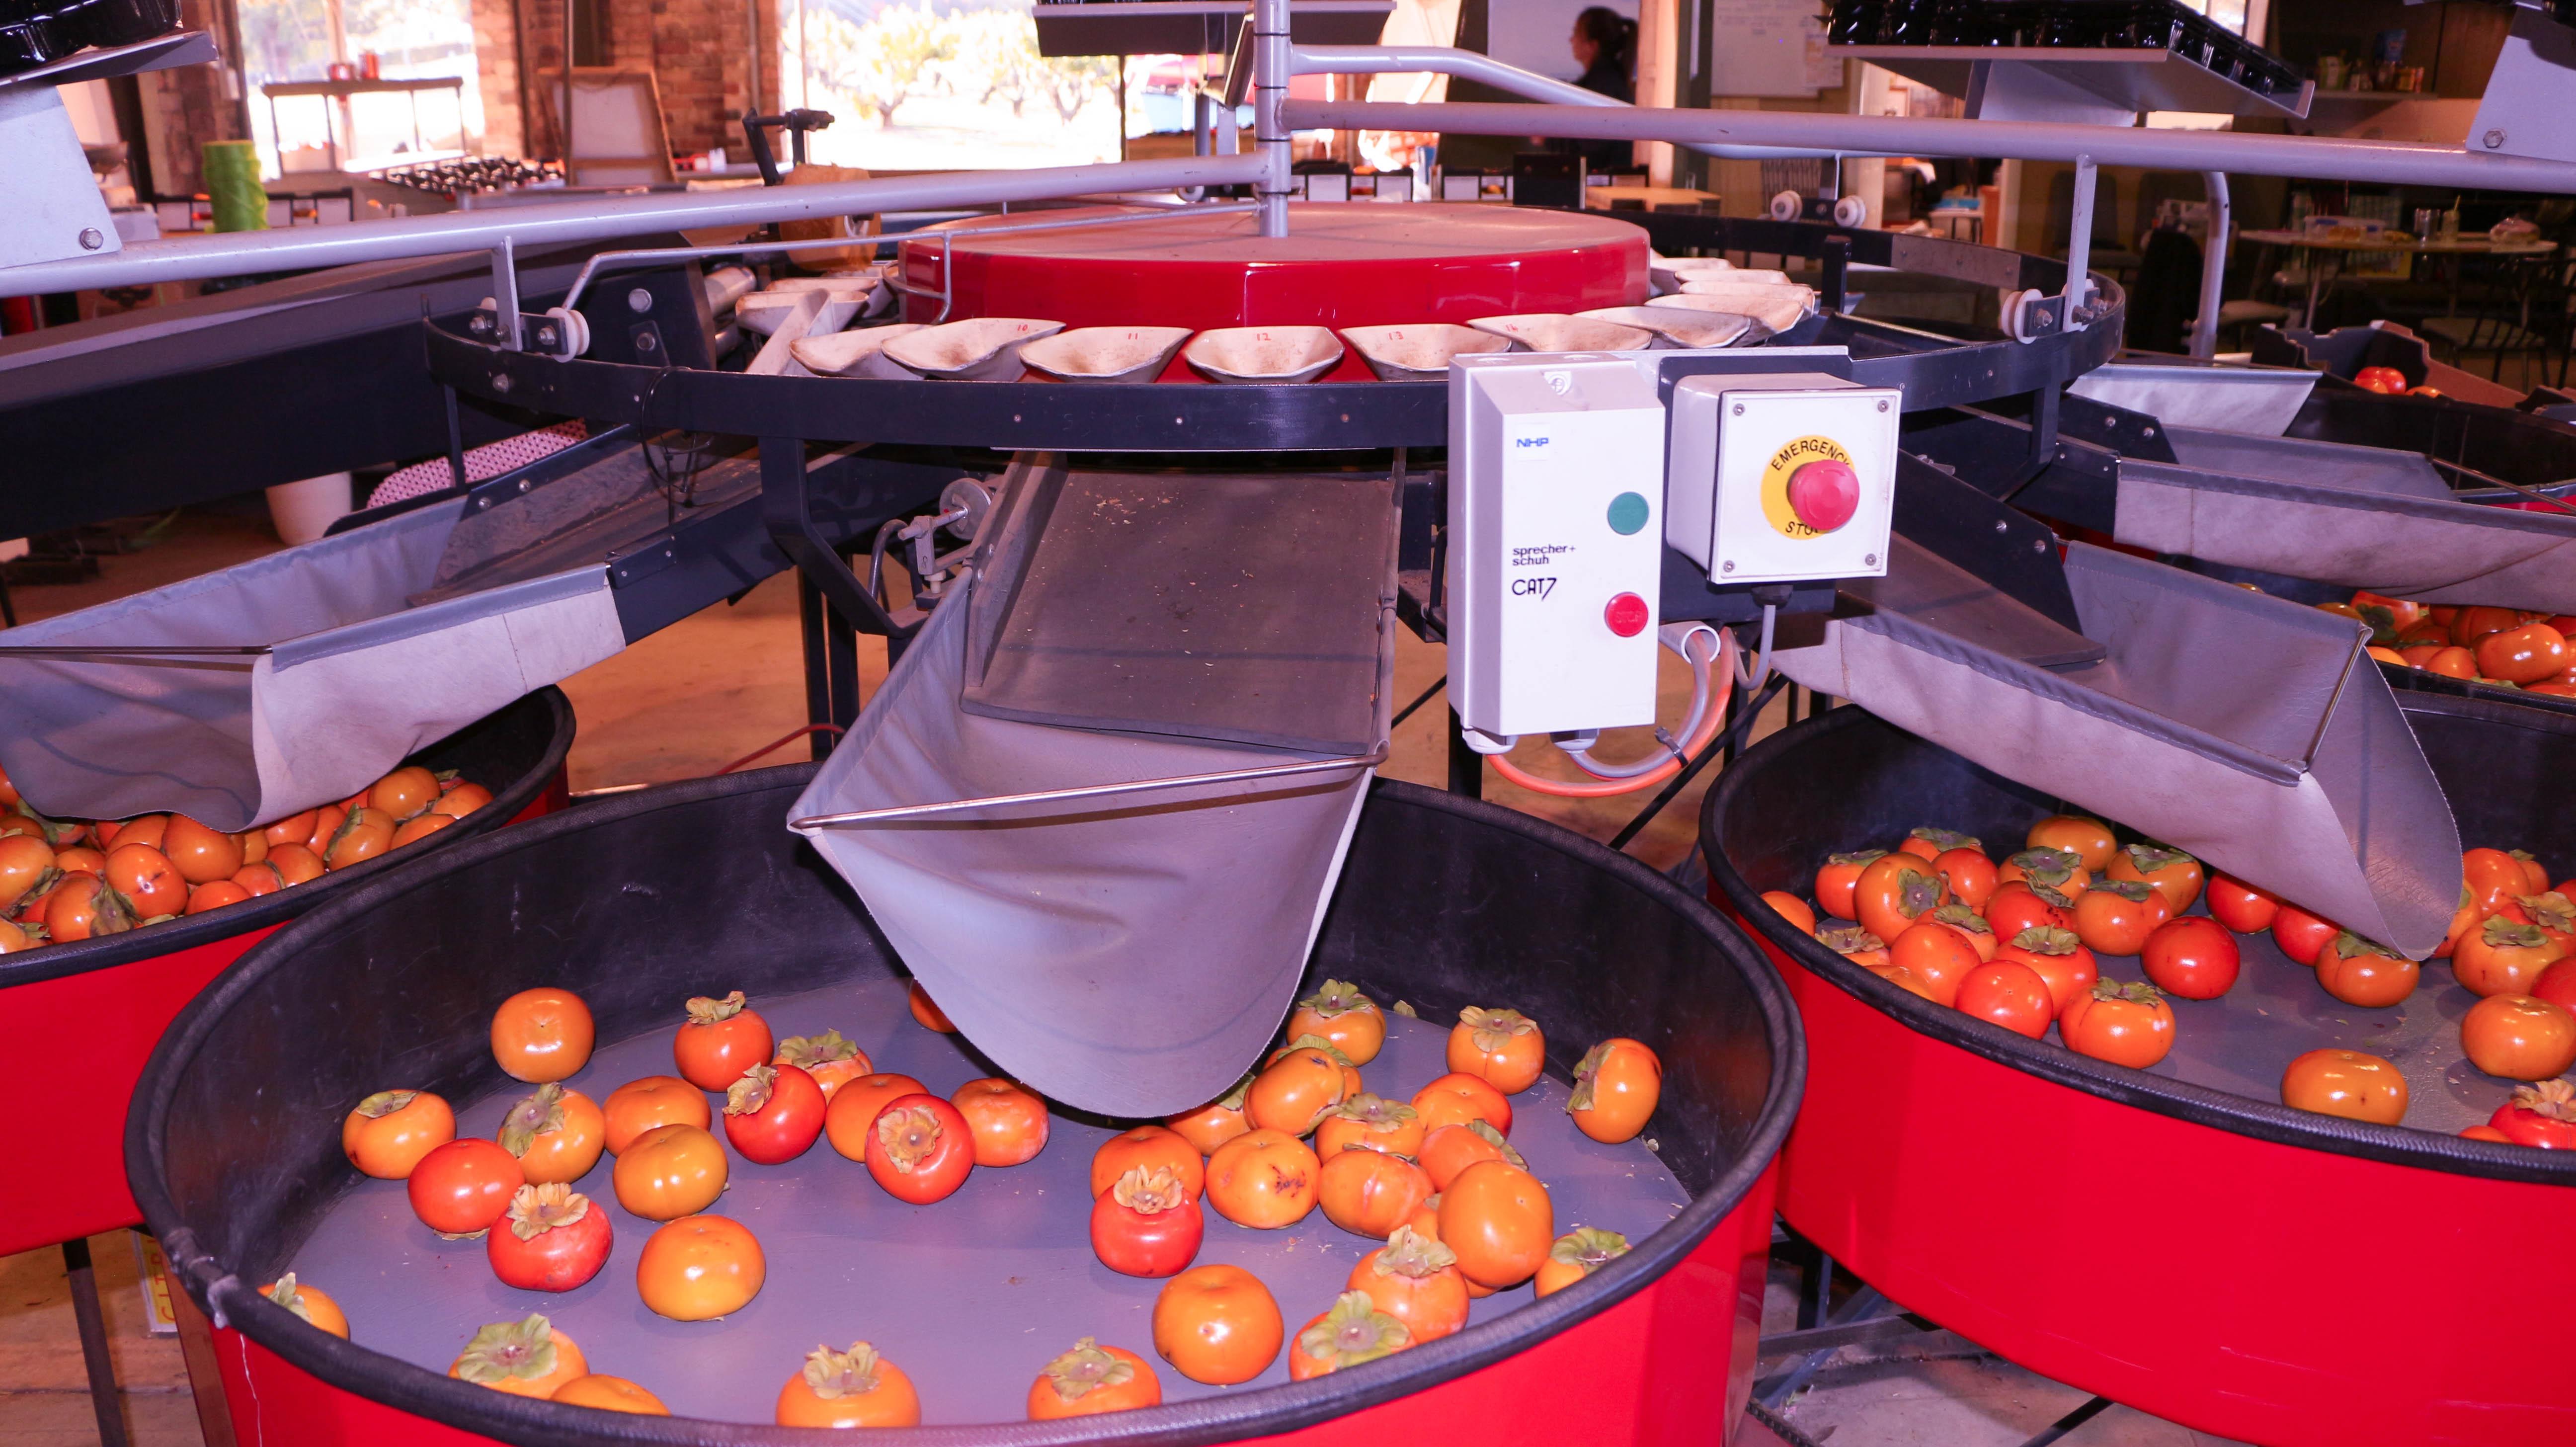 Persimmon sorting machine